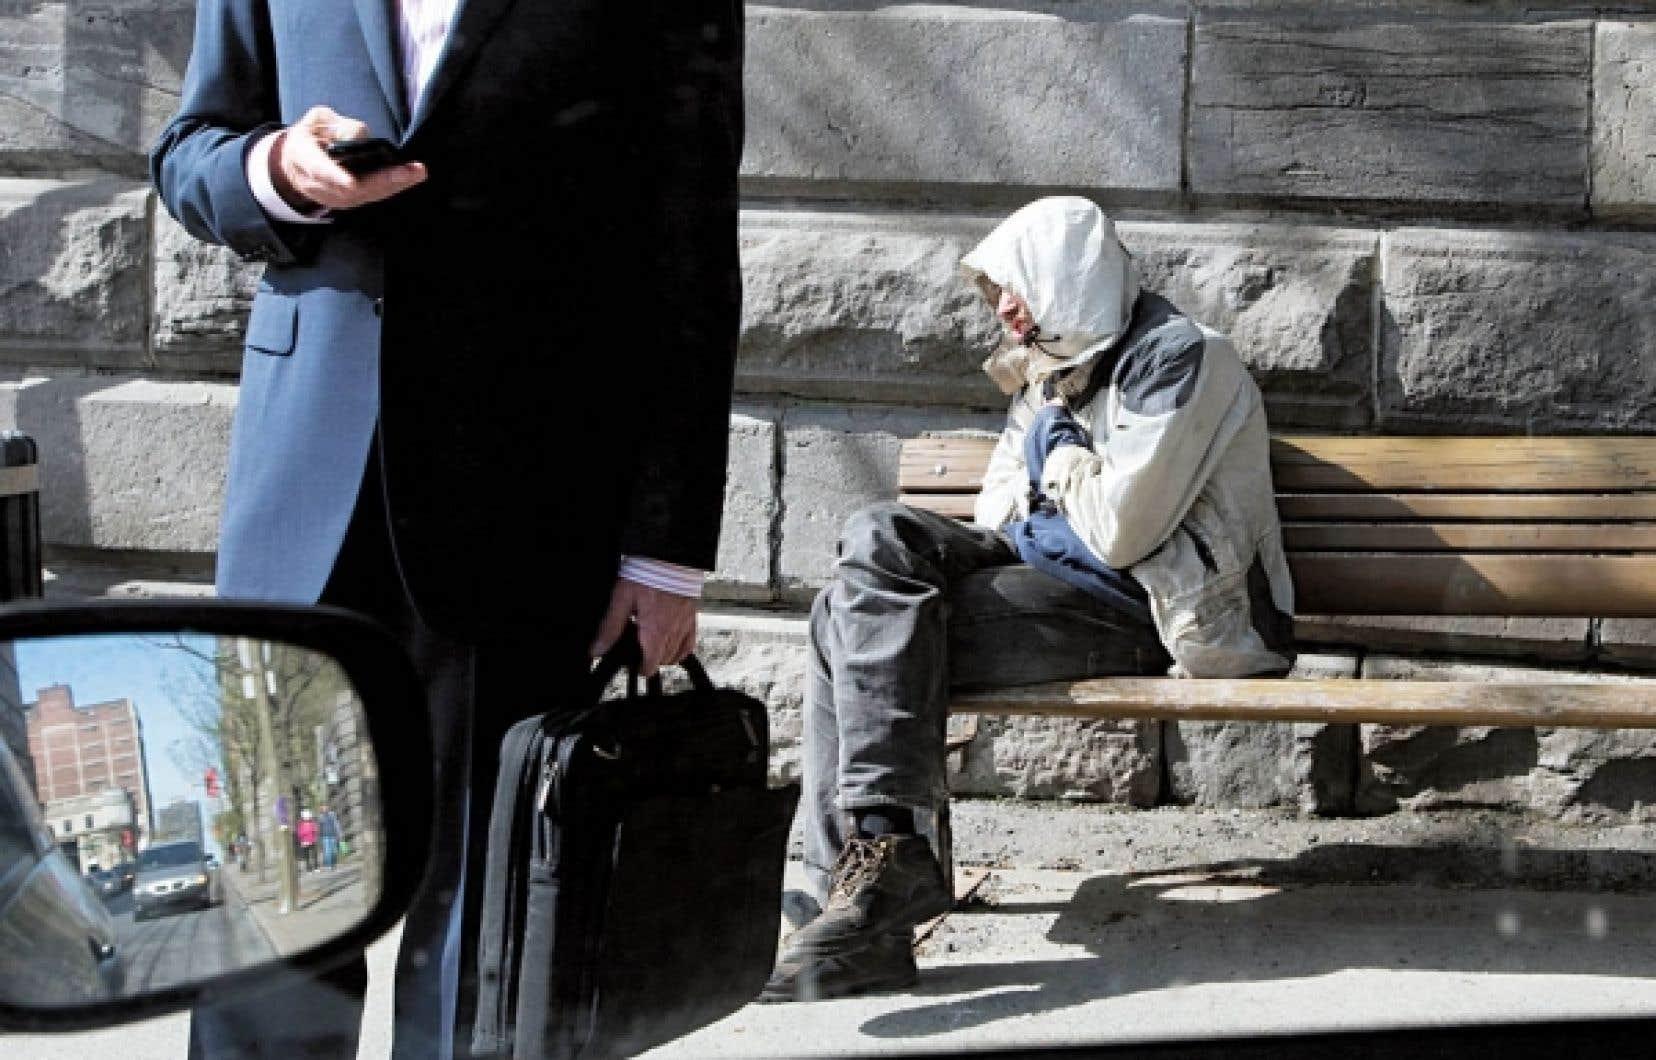 Les dirigeants politiques ne semblent pas préoccupés par l'accroissement des inégalités.<br />